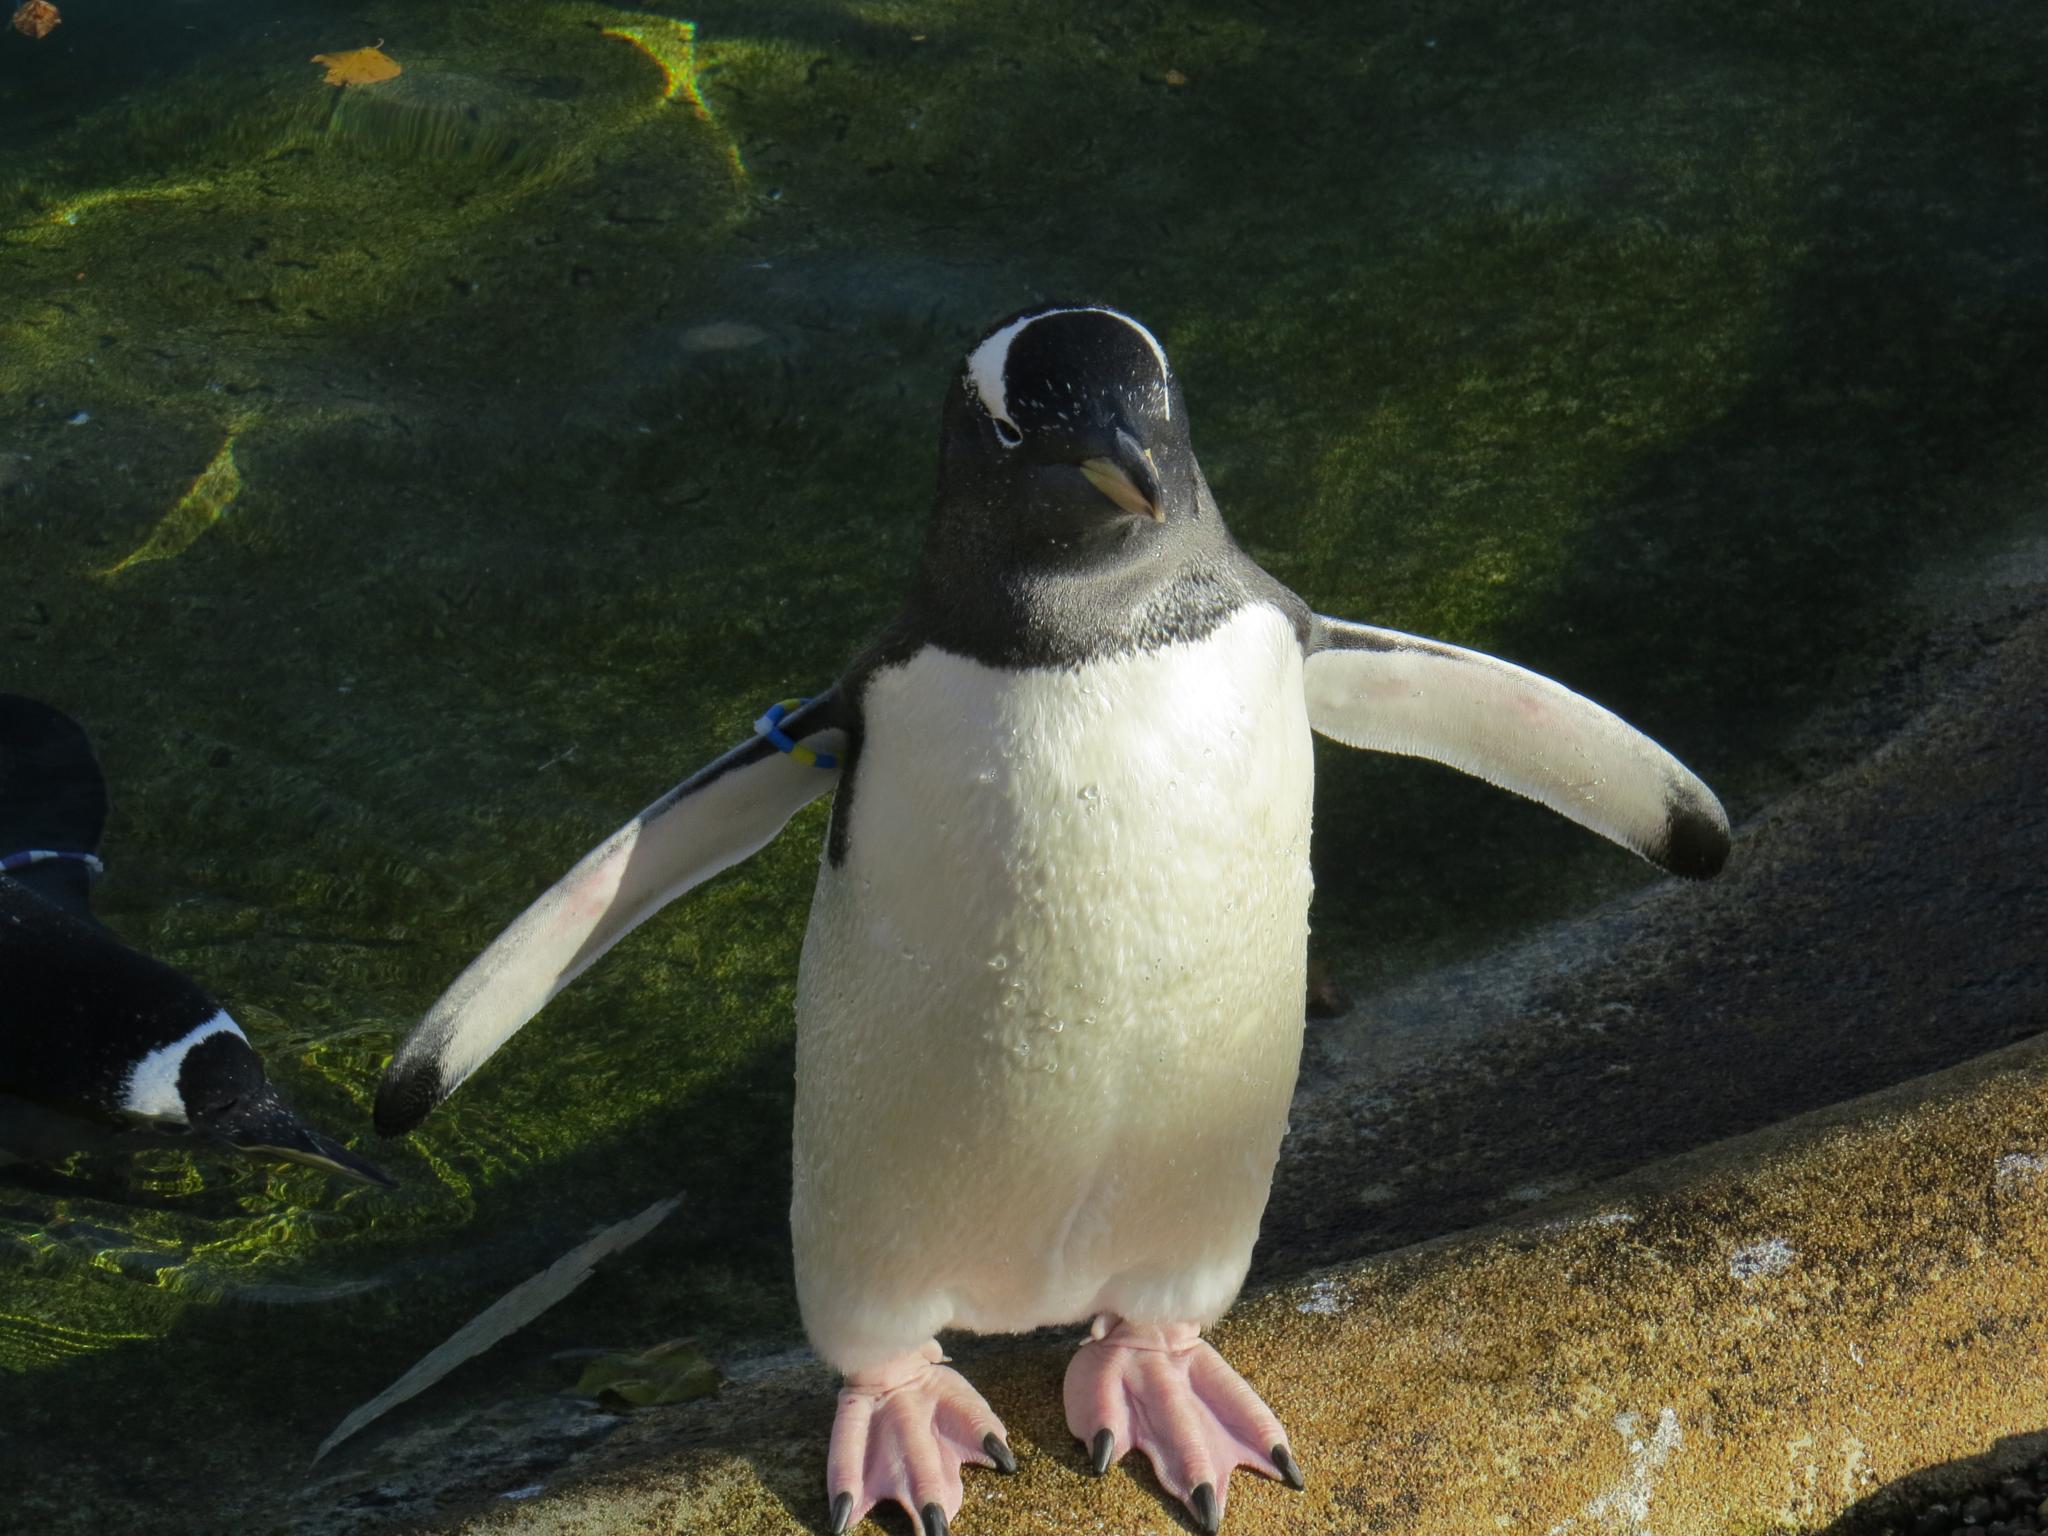 Penguine by Harika Kummara